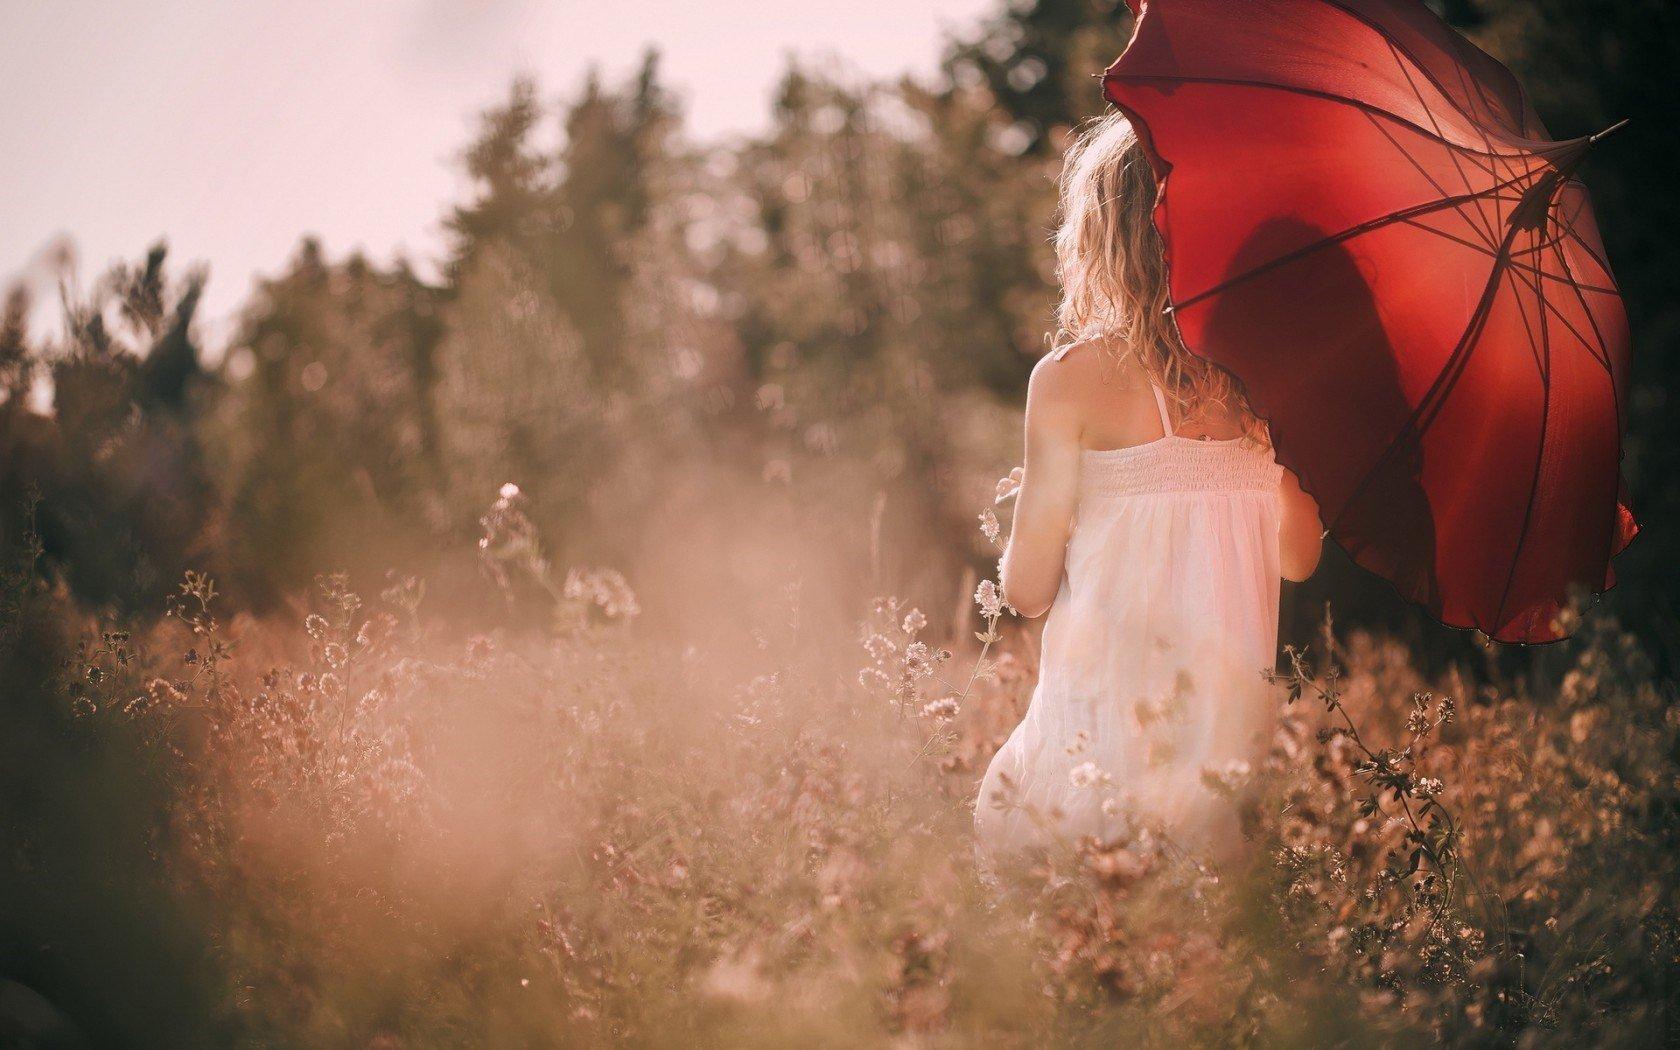 women, Umbrella, Blonde, Forest Wallpaper